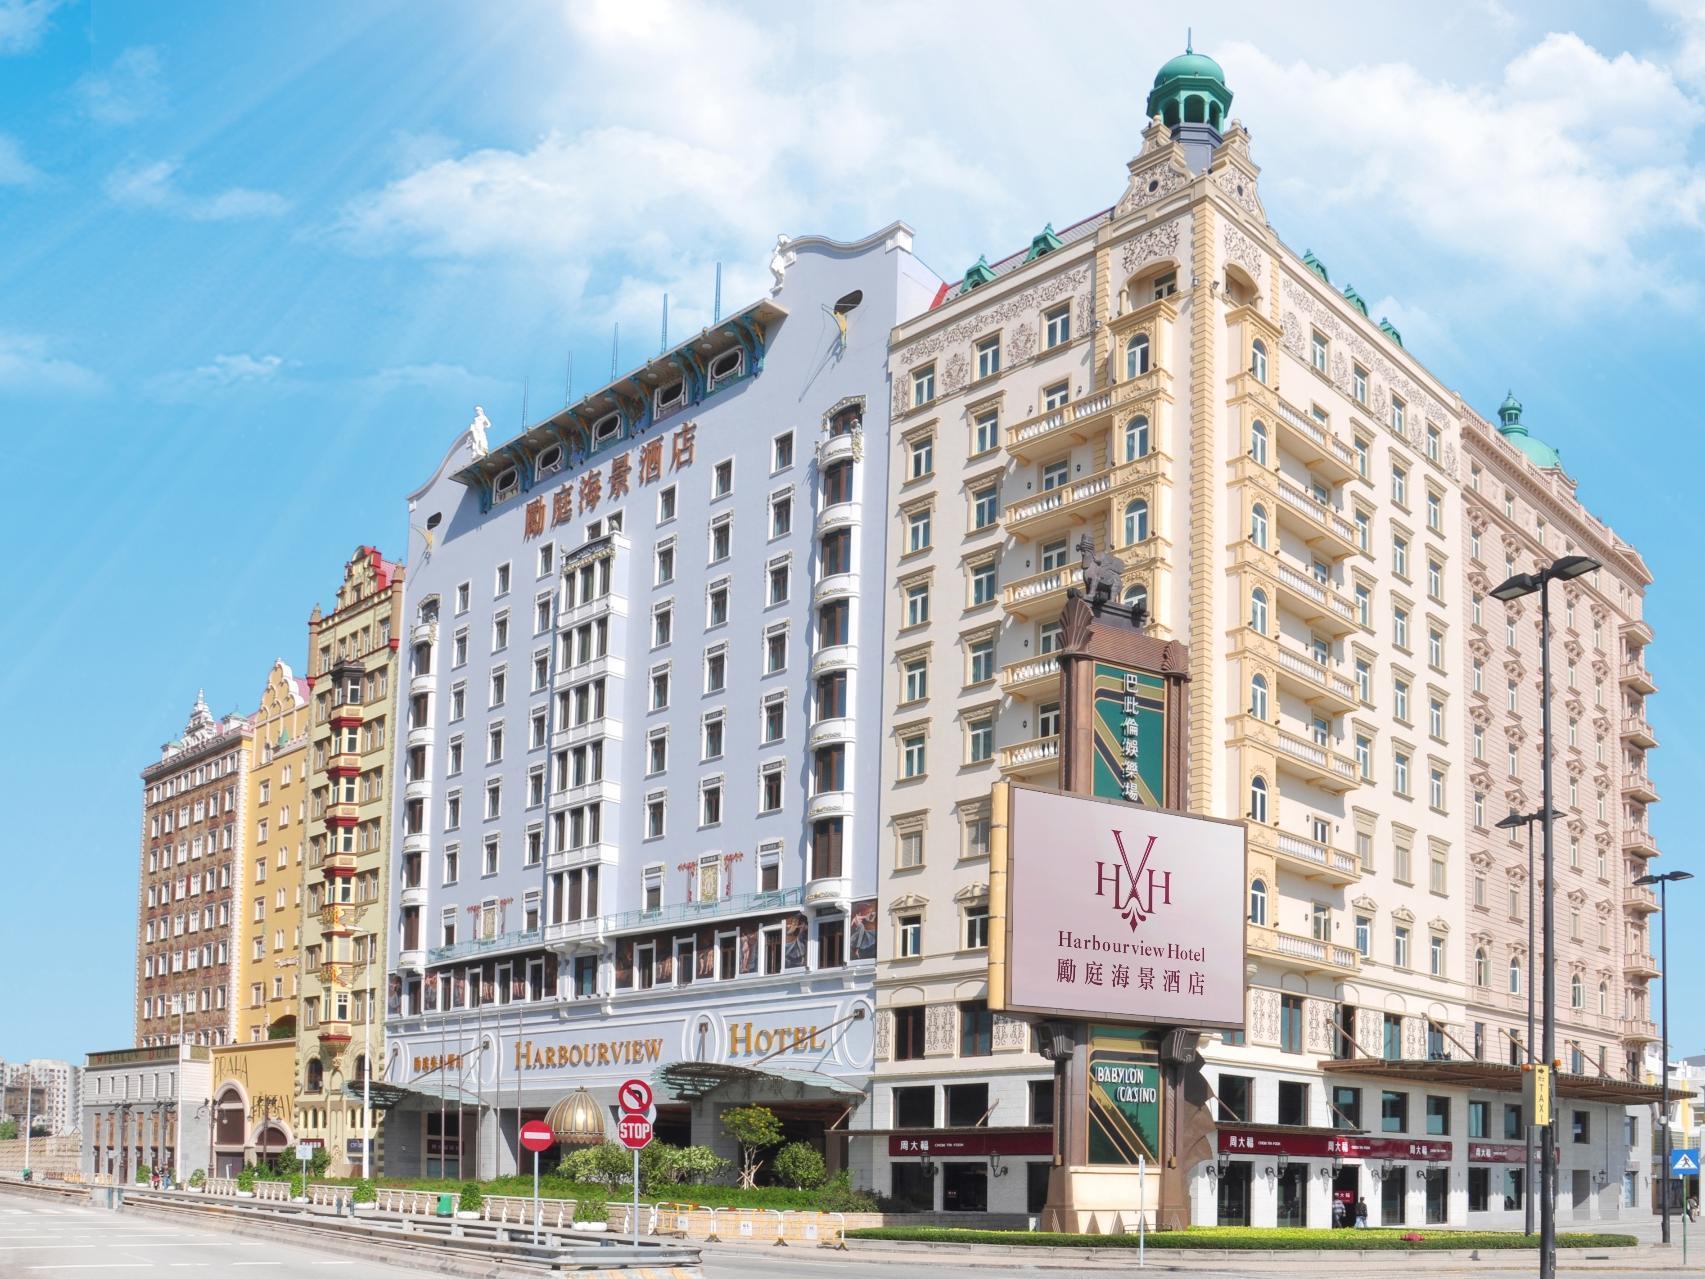 Harbourview Hotel